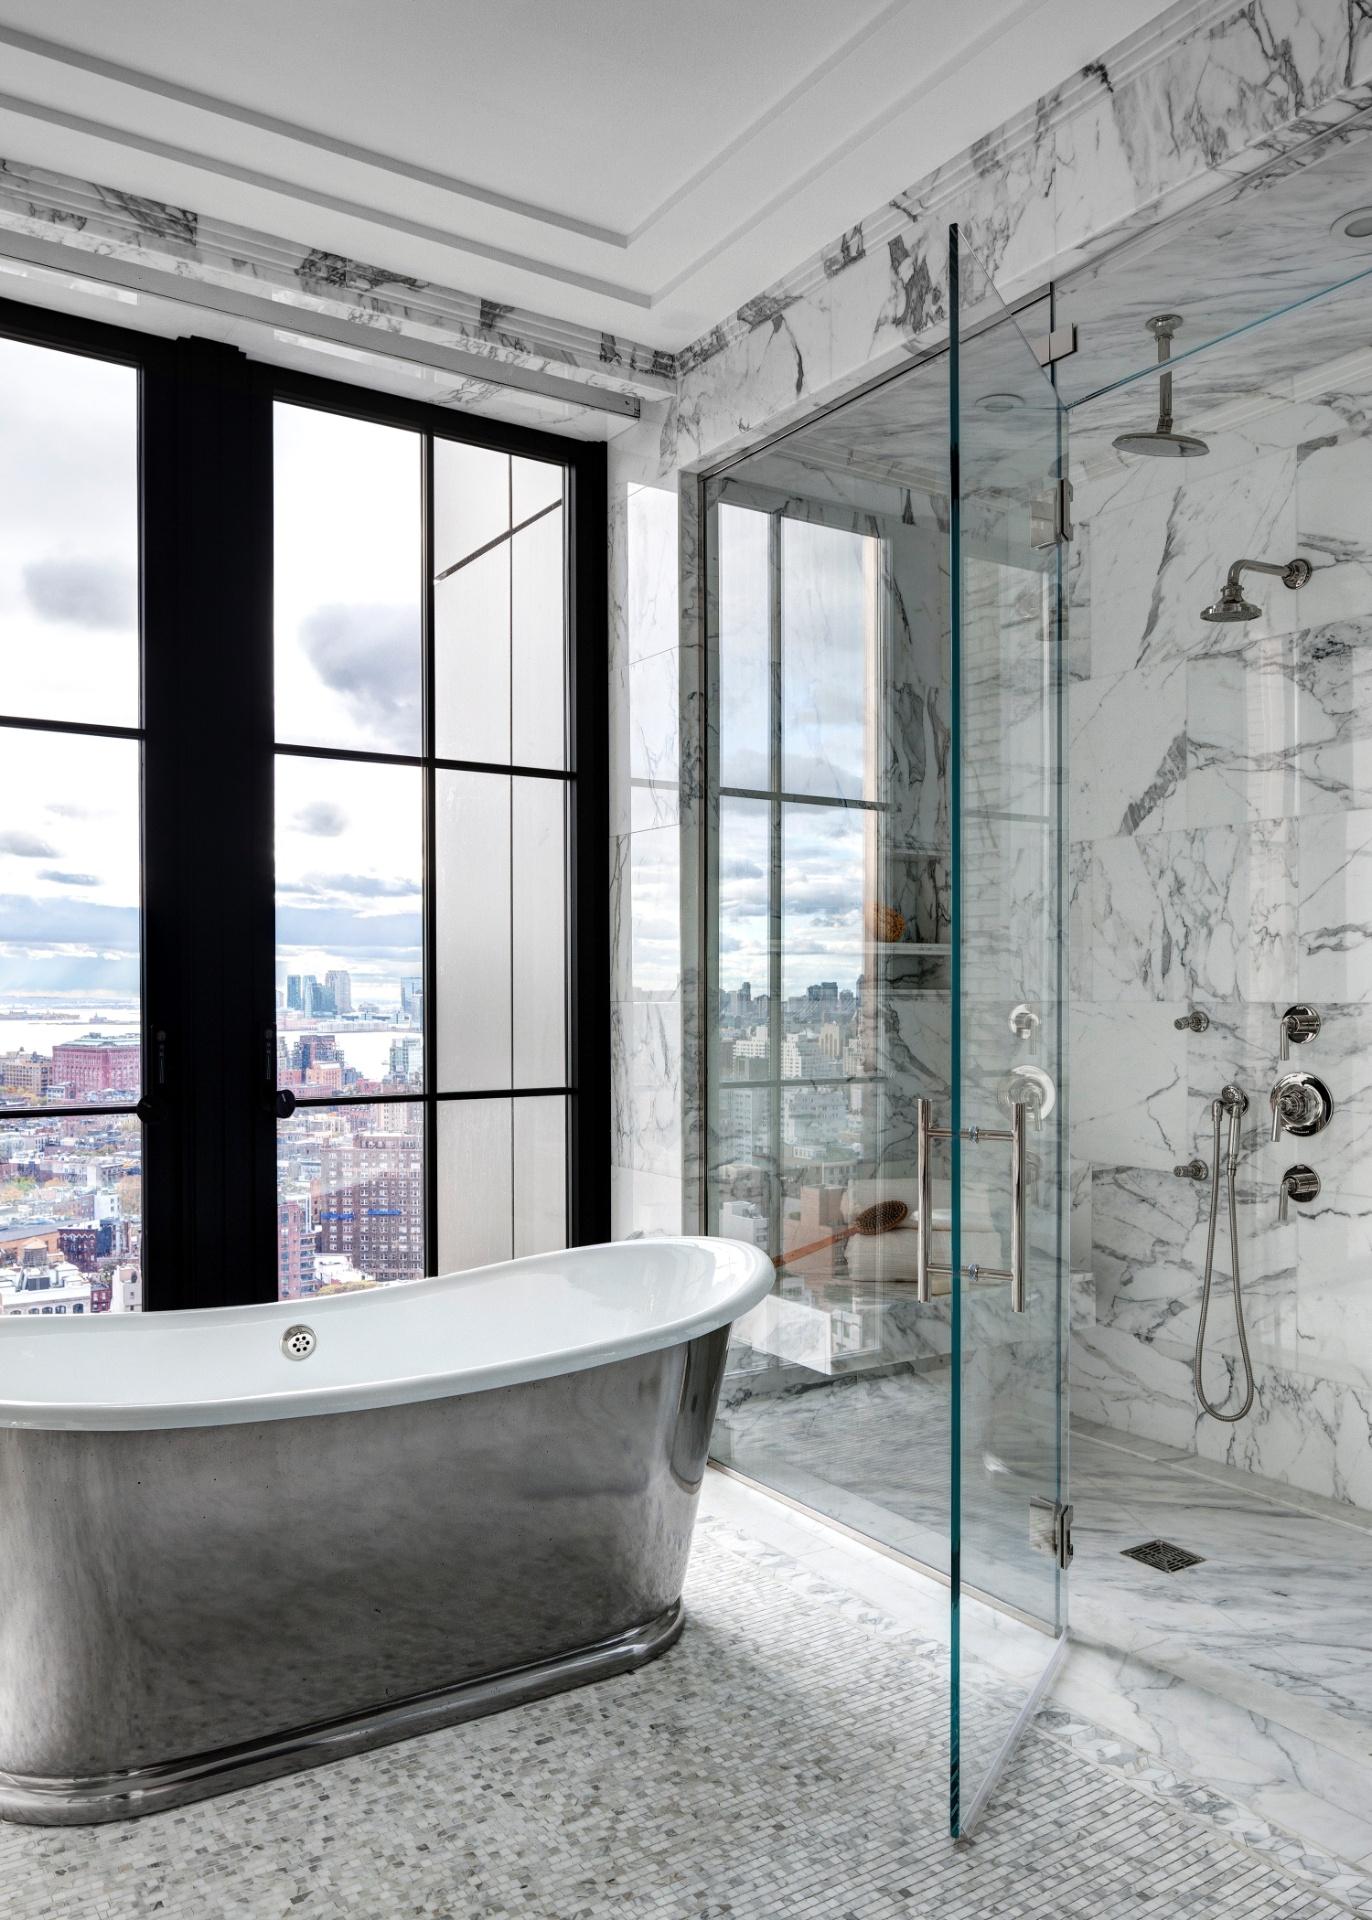 Banheiros: sugestões para decoração tendo muito ou pouco espaço  #445F64 1372 1920